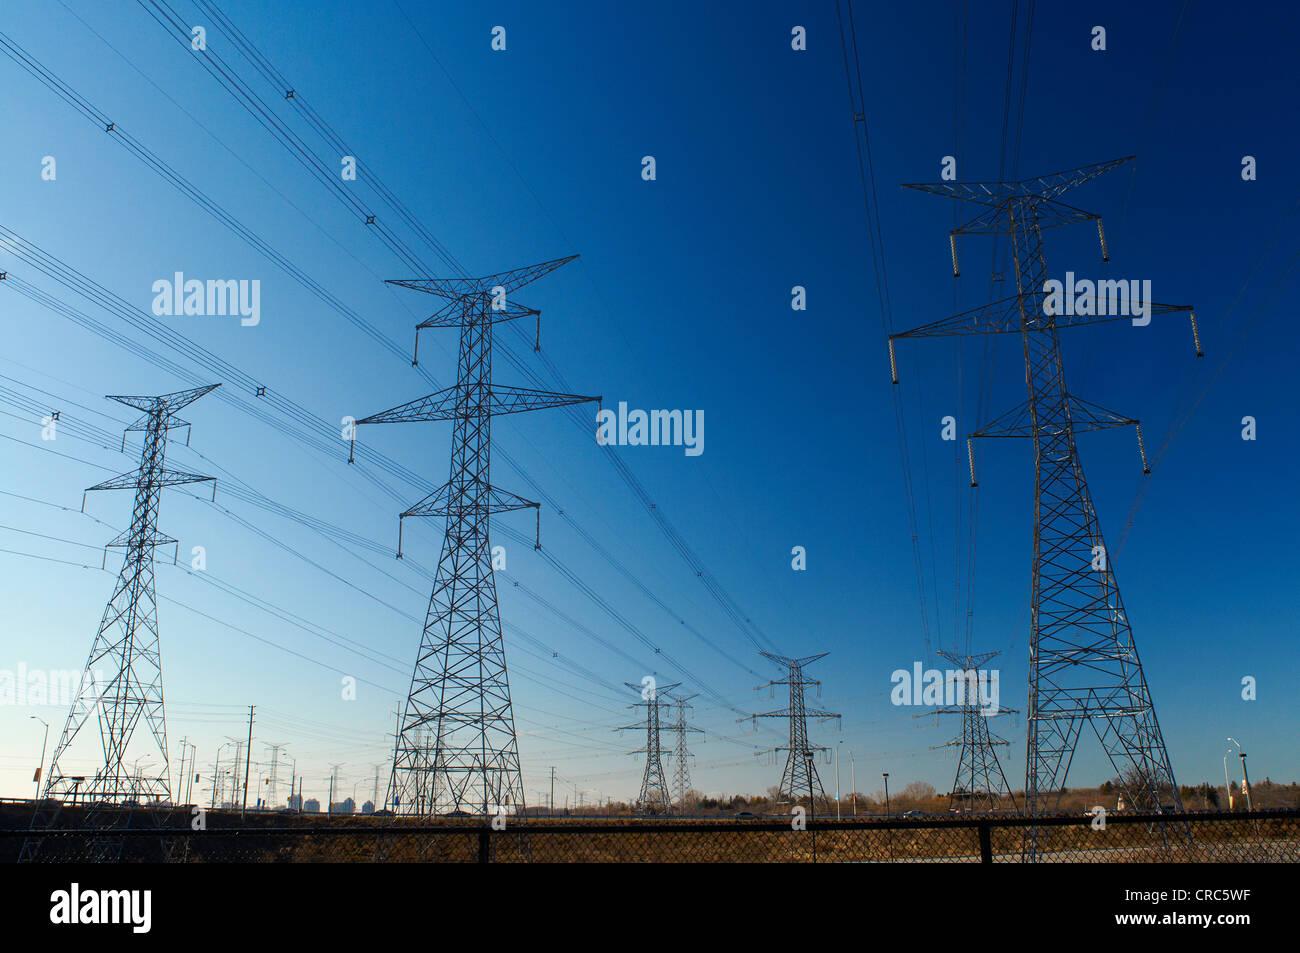 Les lignes d'alimentation contre le ciel bleu Photo Stock